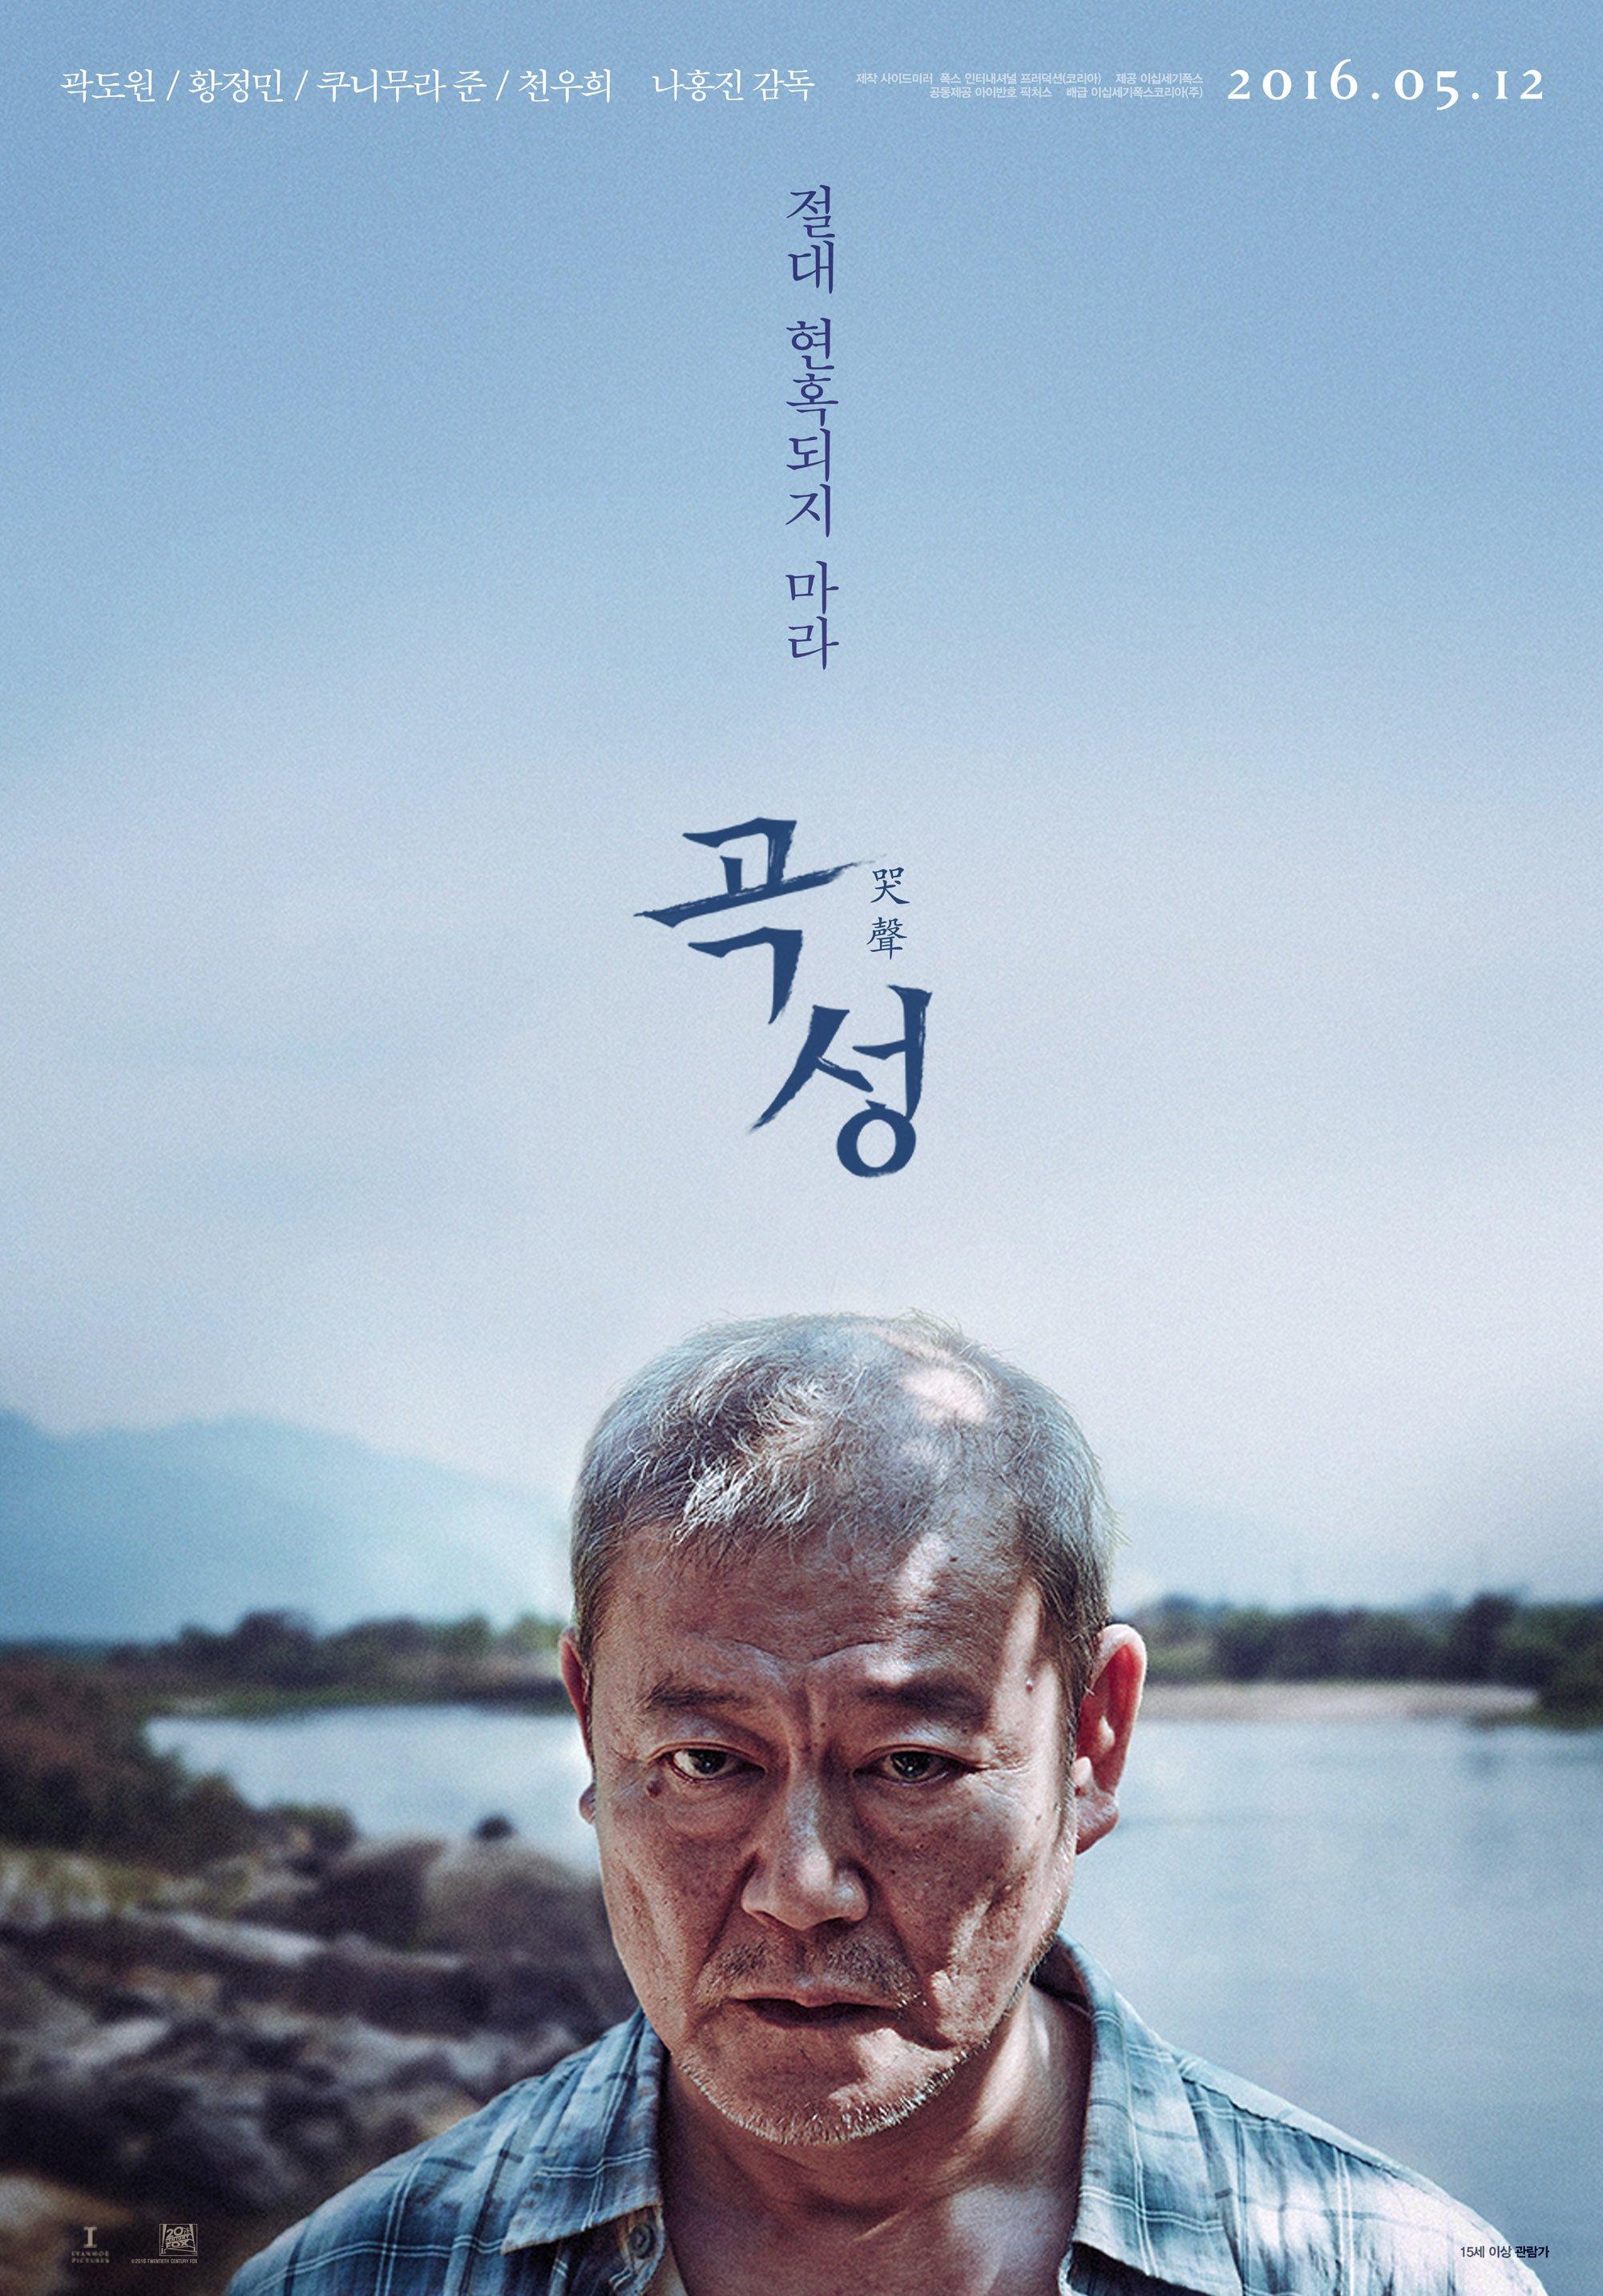 Jun Kunimura - o ator a celebridade legal, sociável, de origem japonesa em 2021